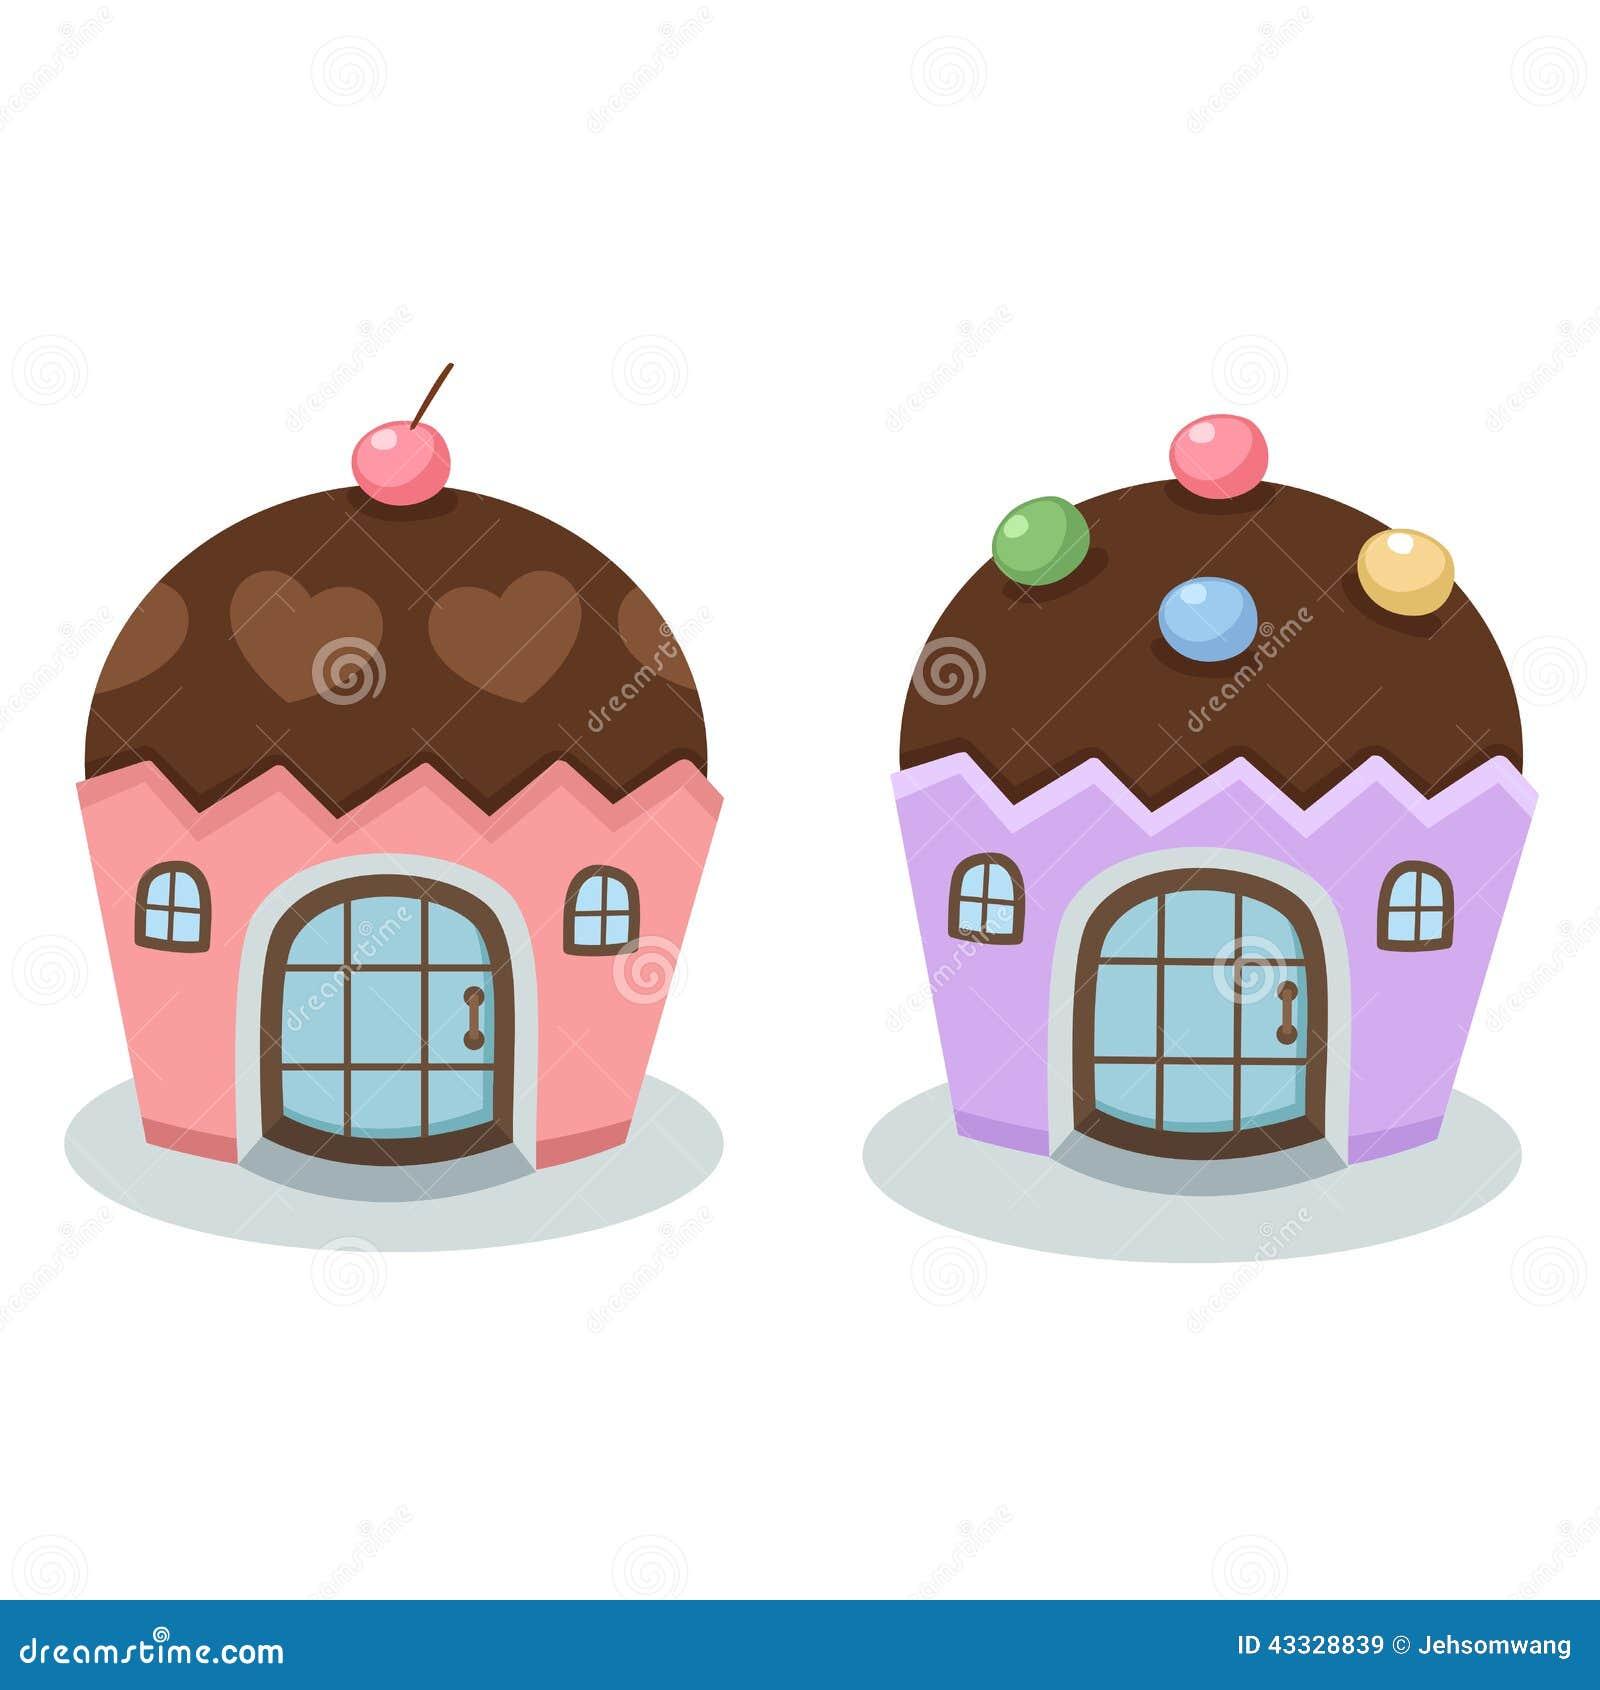 蛋糕房子传染媒介的例证.图片